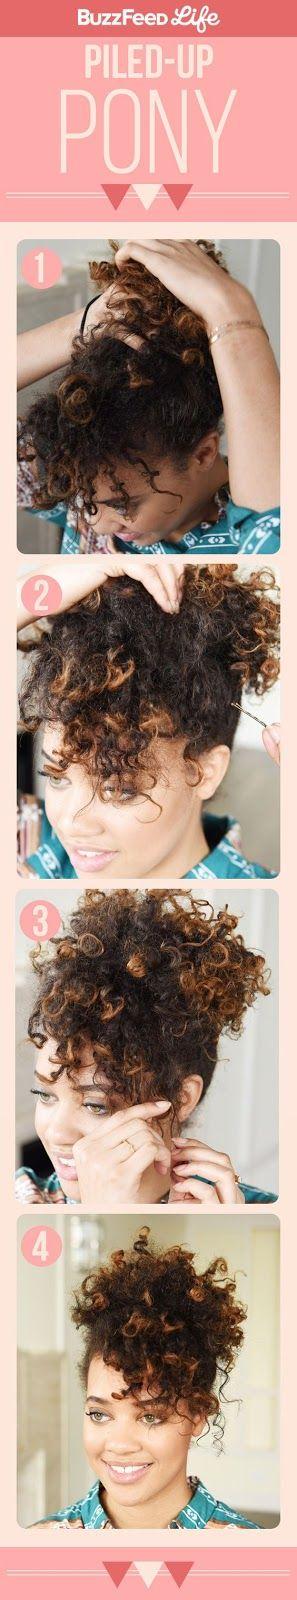 21 passo a passos de diferentes penteados http://vialactealeatoria.blogspot.com.br/2016/04/21-passo-passo-de-diferentes-penteados.html #passo #a #passo #cabelo #tutorial #diy #cachos #afro #africano #liso #mulher #brasil #post #postagem #ideia #faculdade #look #beleza #mechas #longo #curto #menina #escola